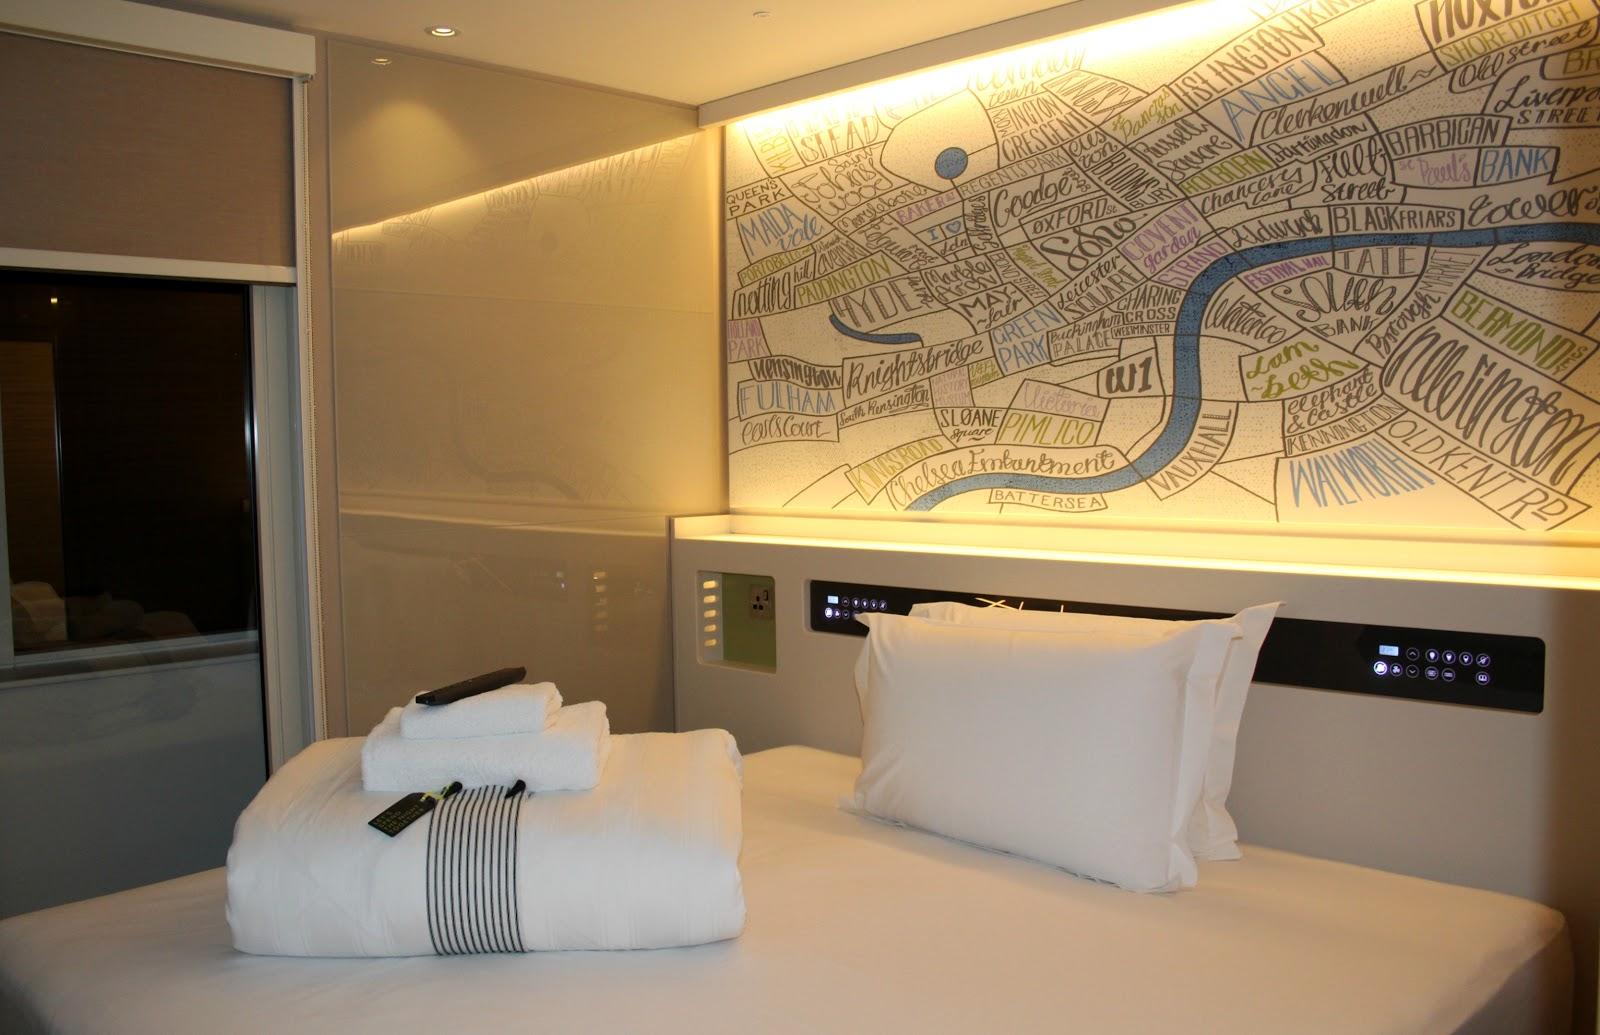 Hub Hotel by Premier Inn | Westminster, London | Brogan Tate